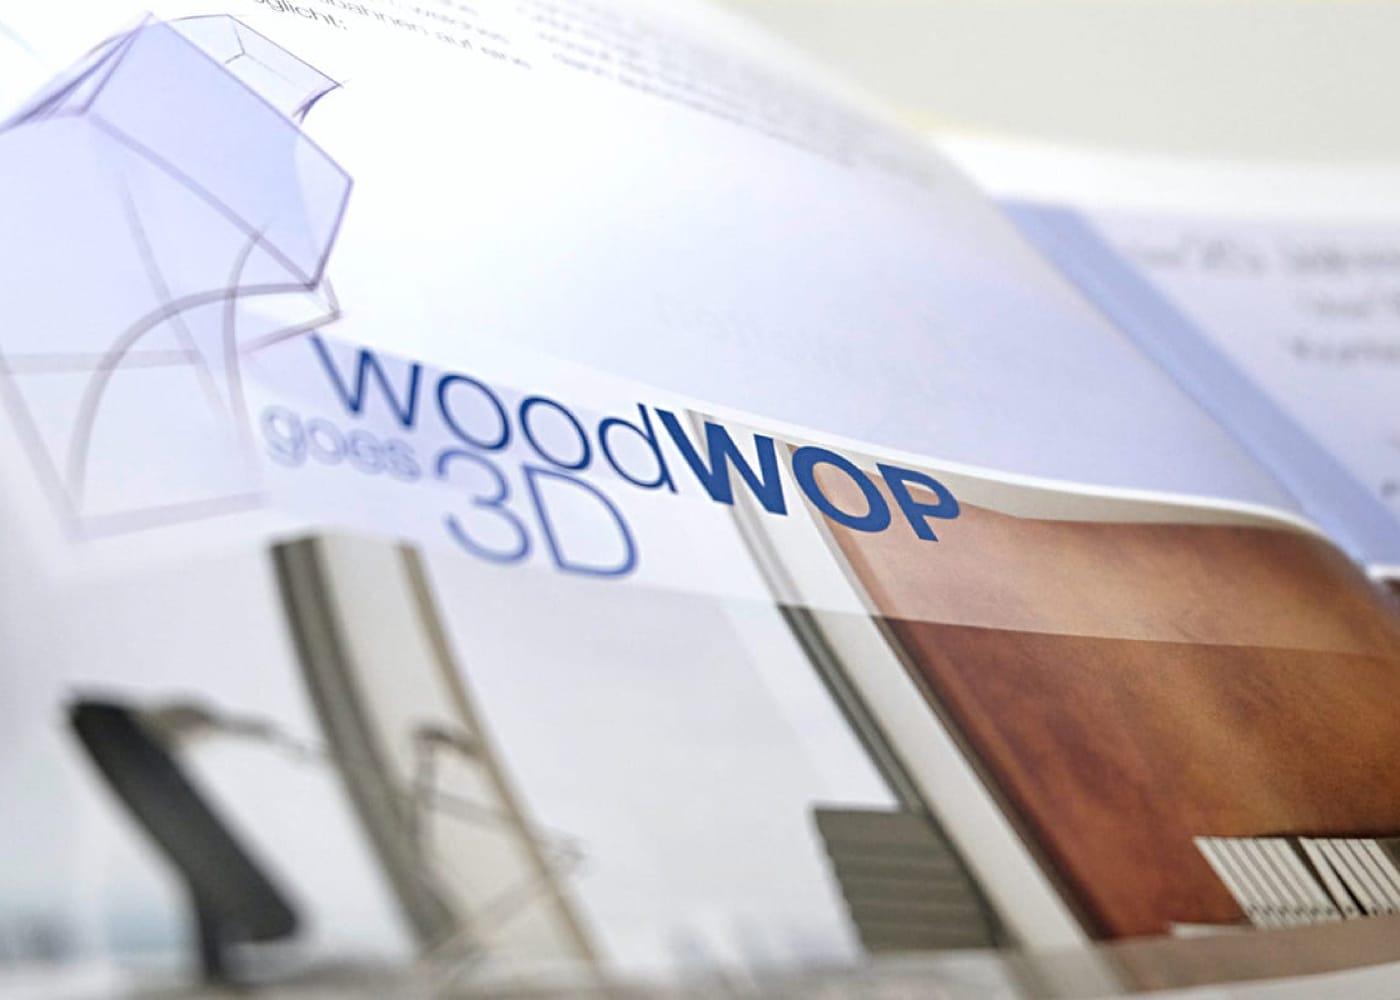 Anwendung des Logos WoodWop3D in einer Broschüre